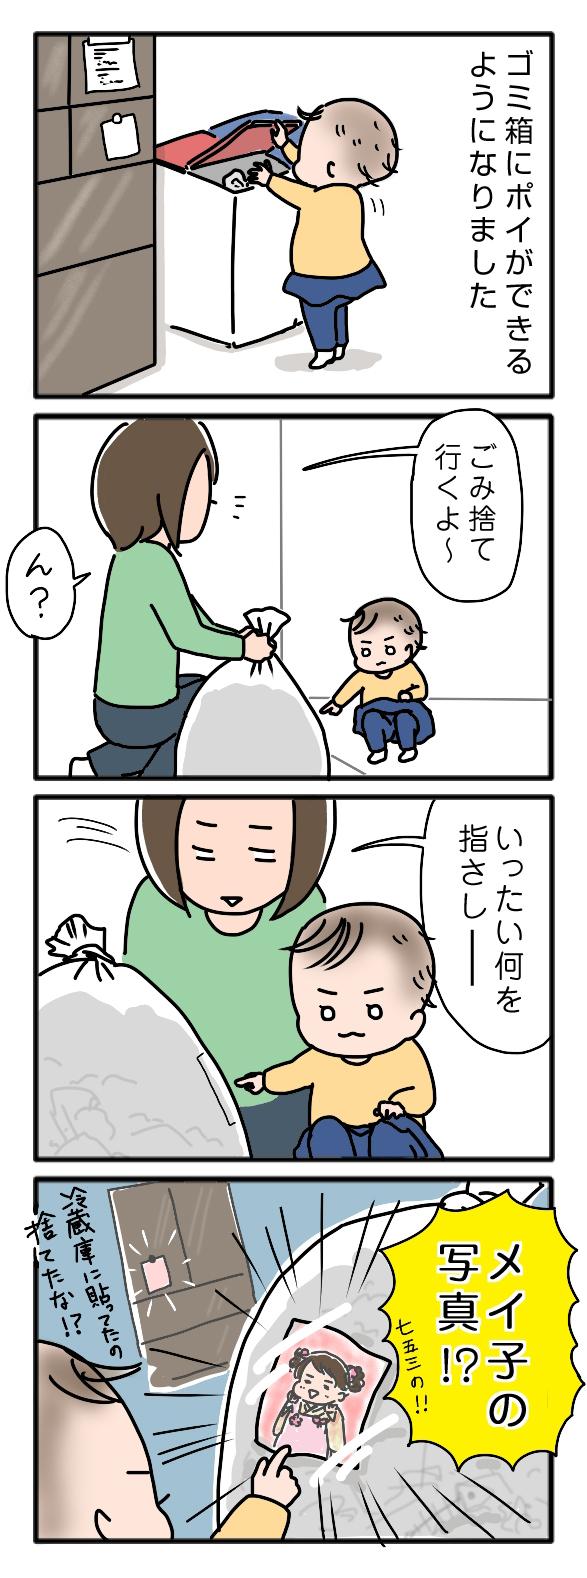 icchomae07-08